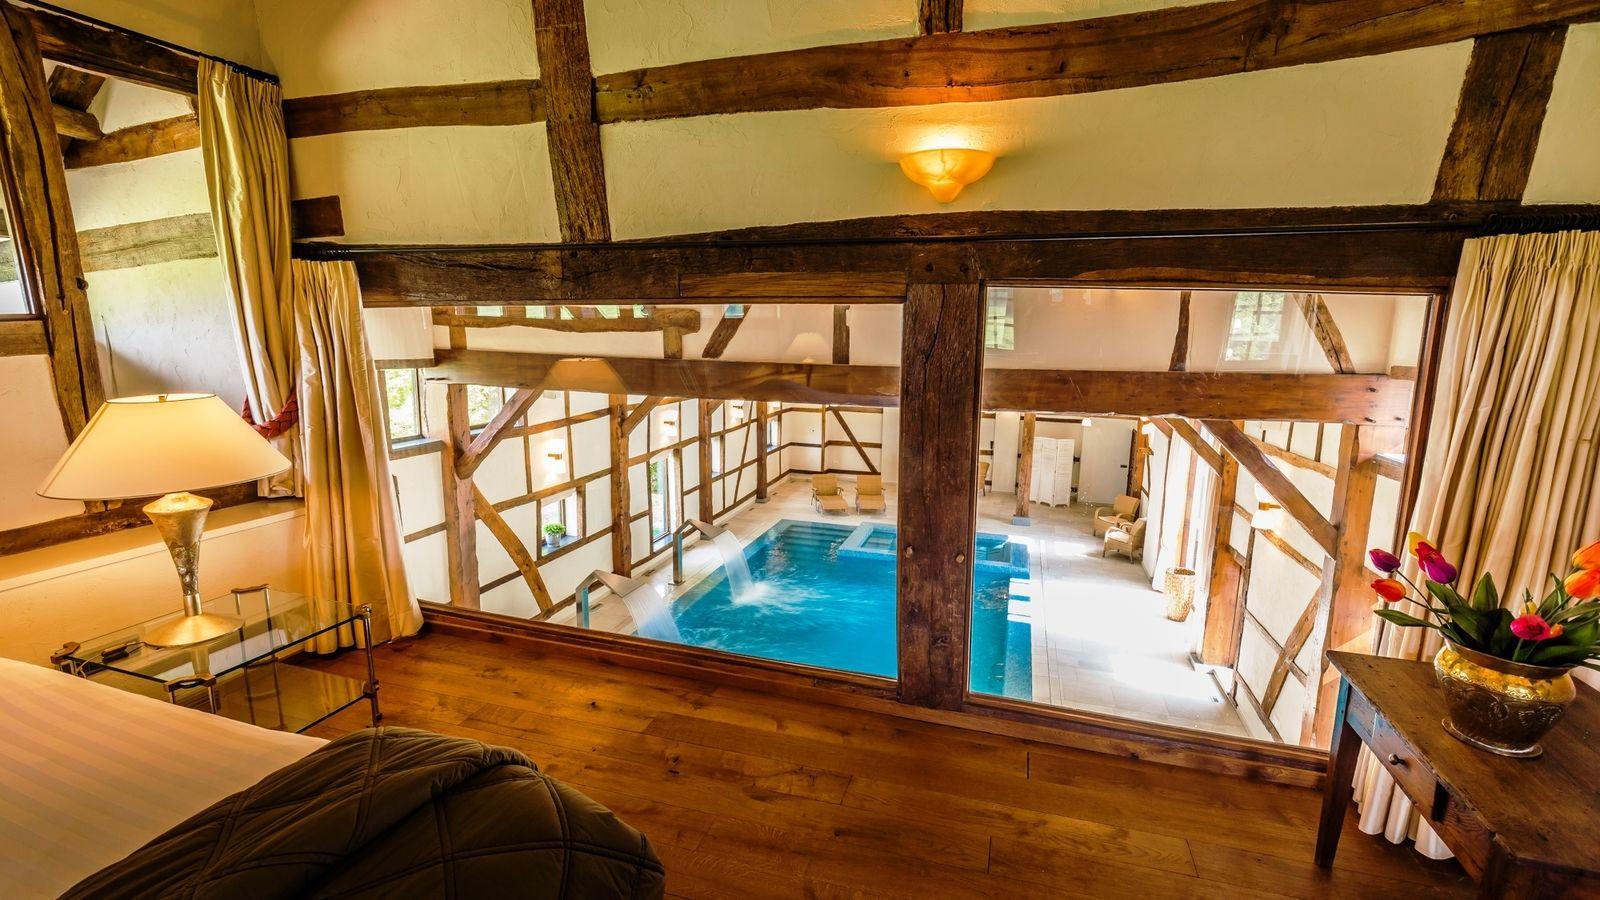 Afbeelding van Carrehoeve Schweiberg - exclusieve vakantievilla met zwembad en jacuzzi in Zuid-Limburg